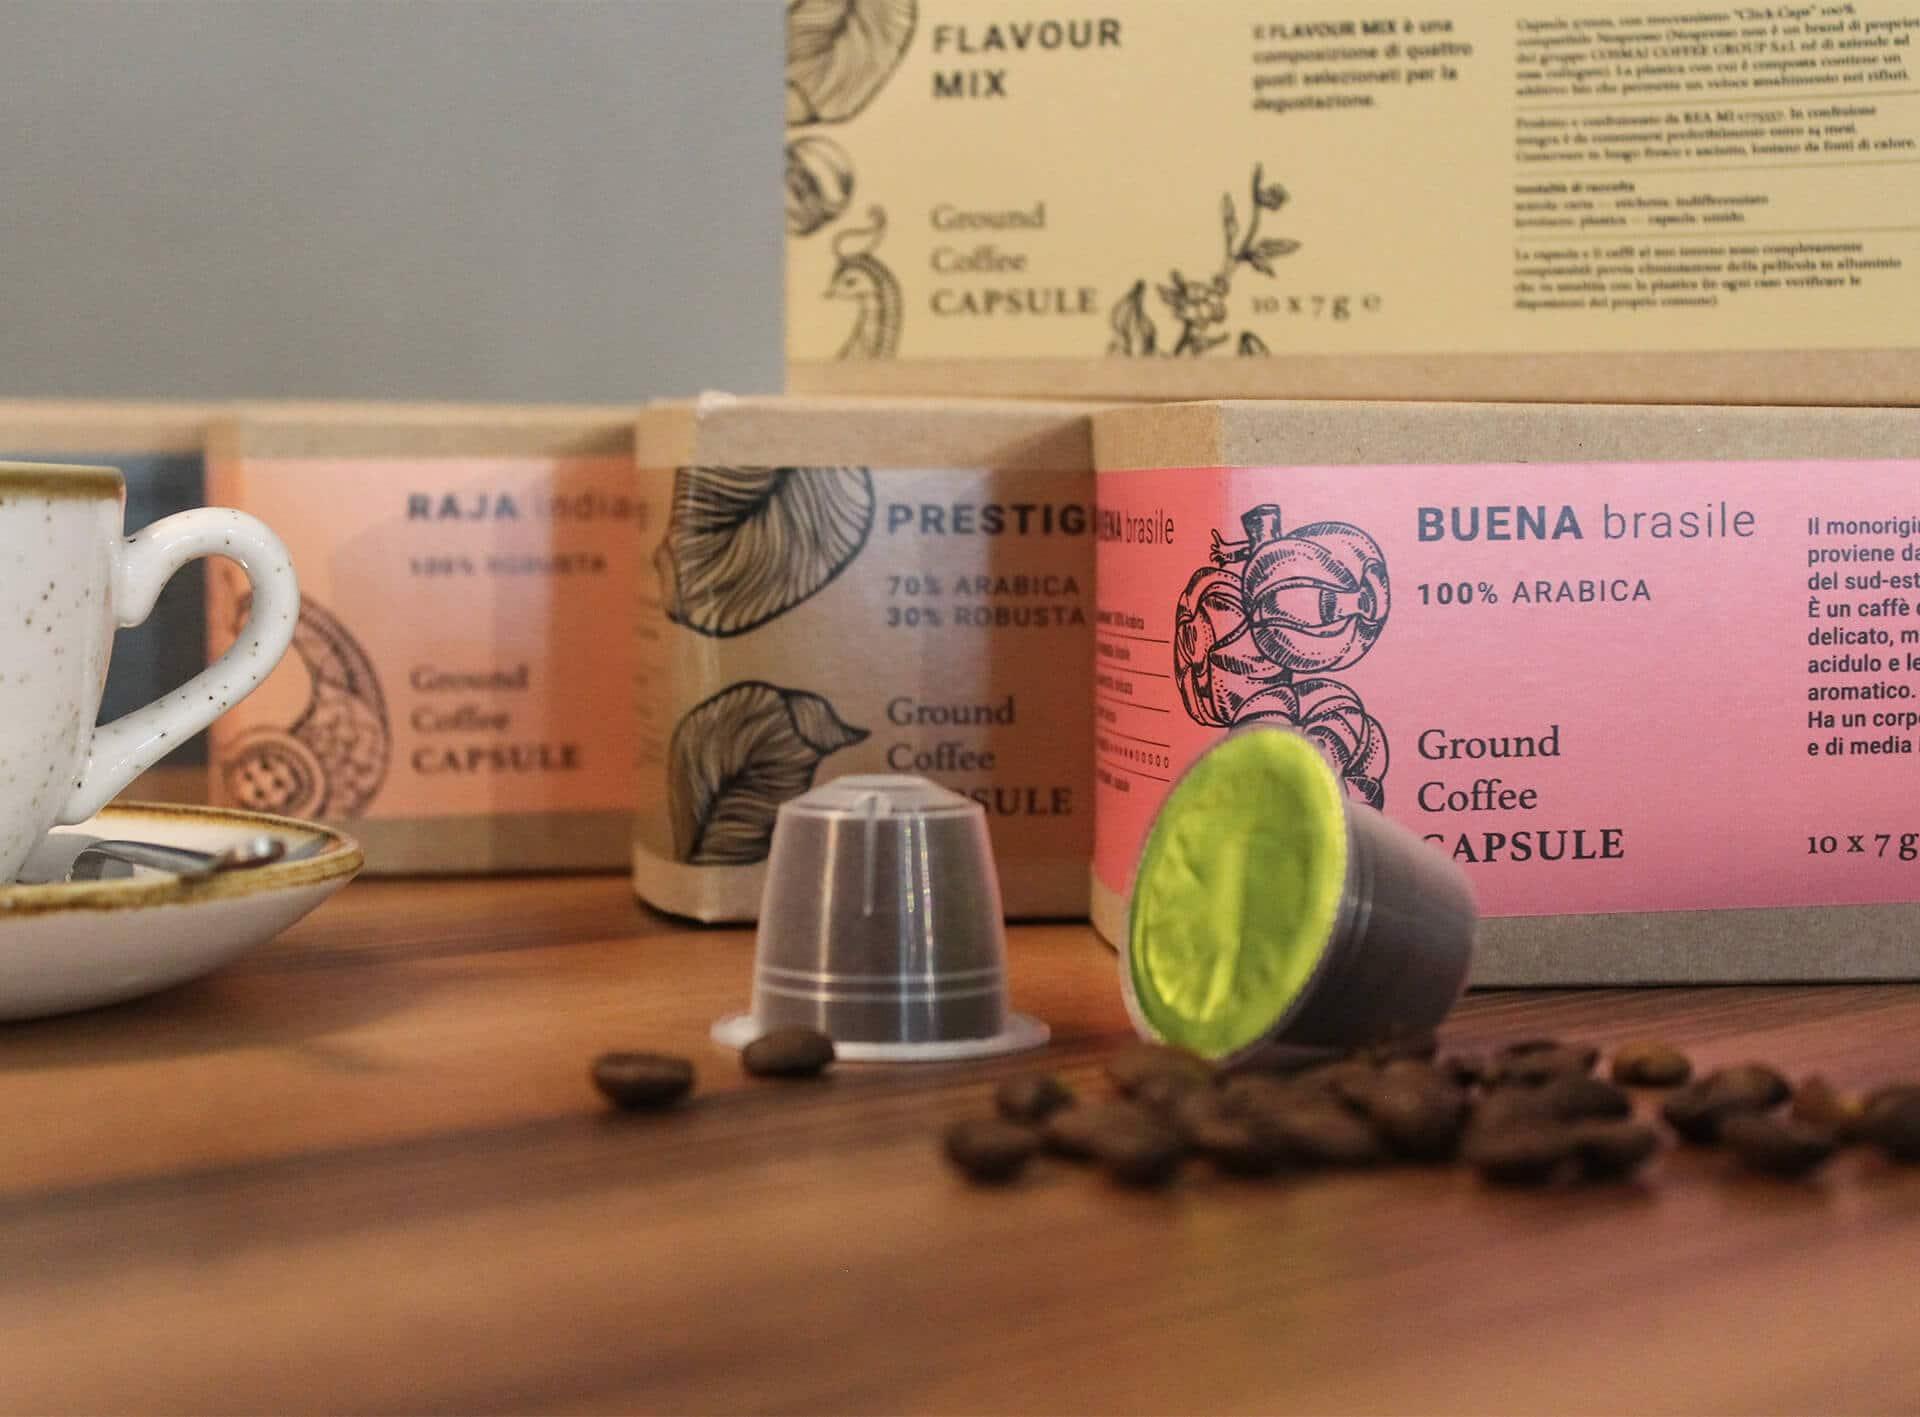 Coffee capsule packaging design